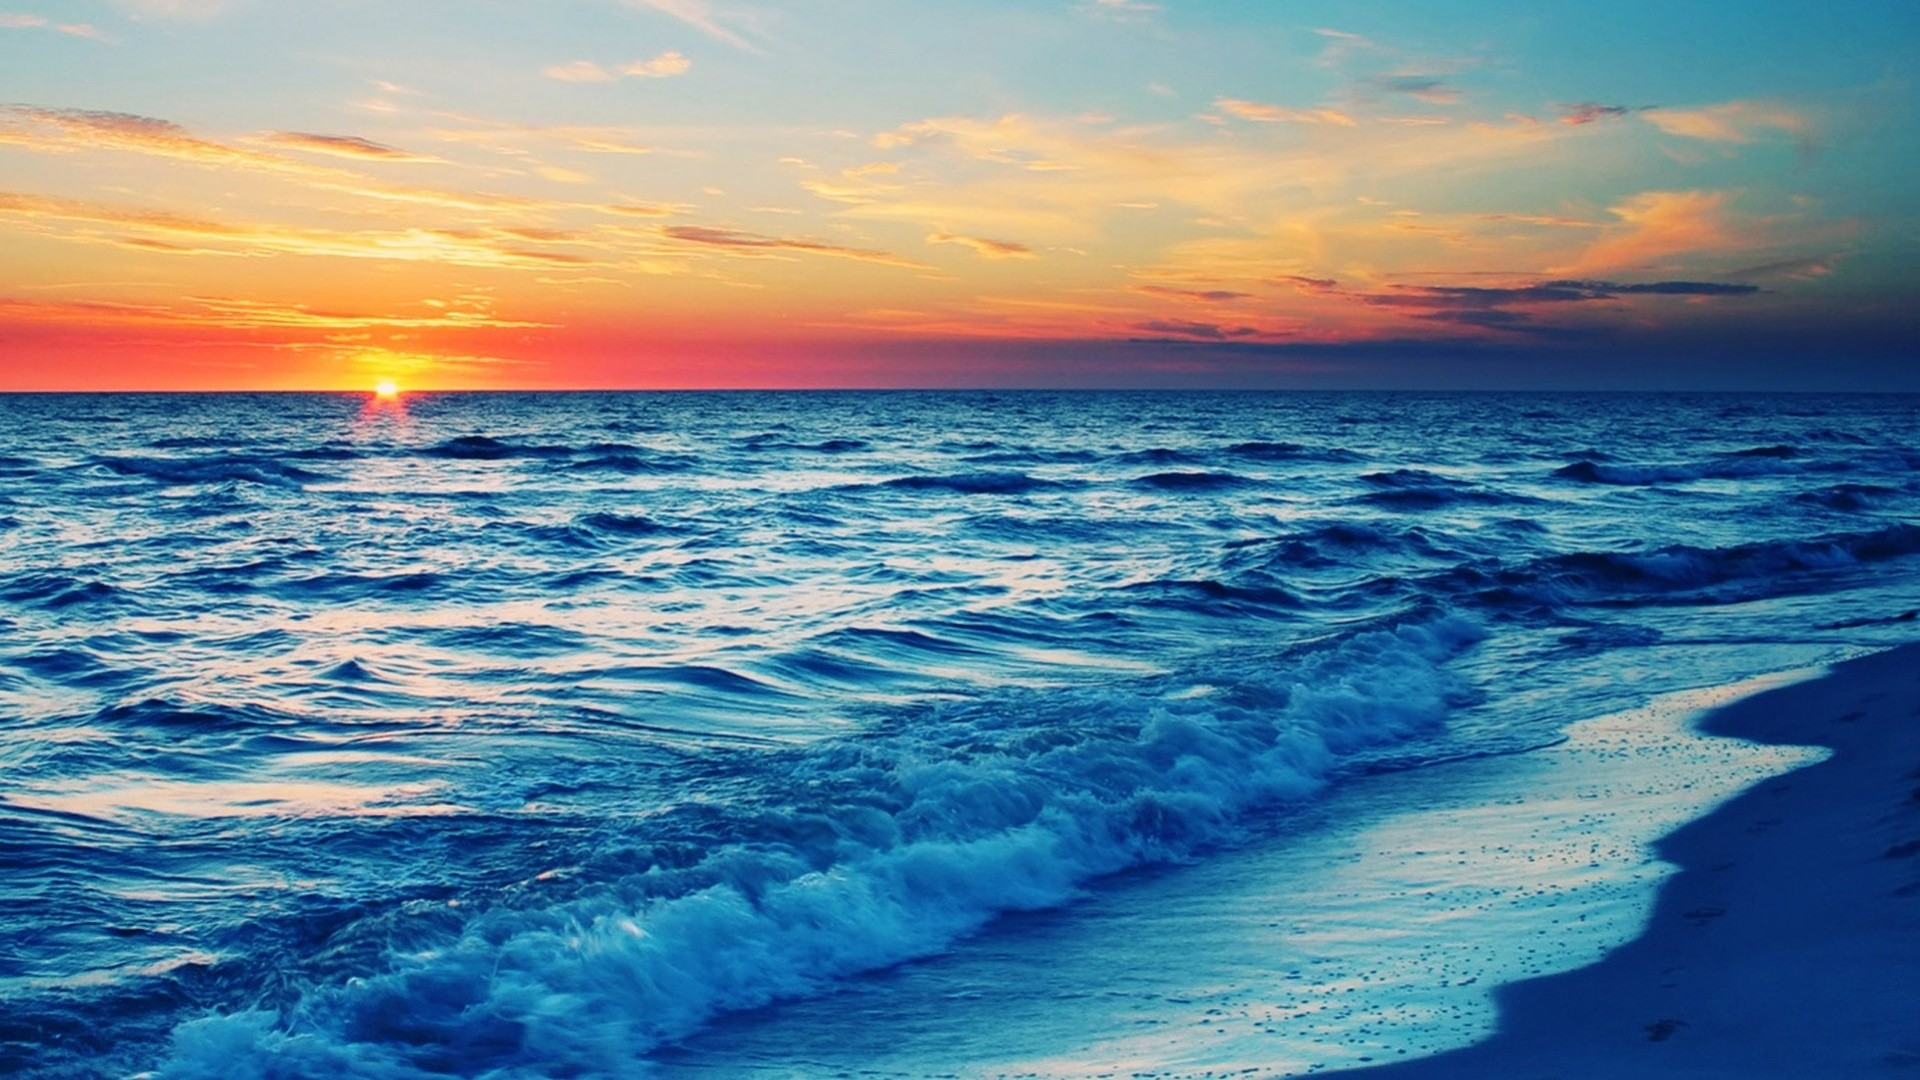 Res: 1920x1080, Beach Sunset Wallpapers Widescreen